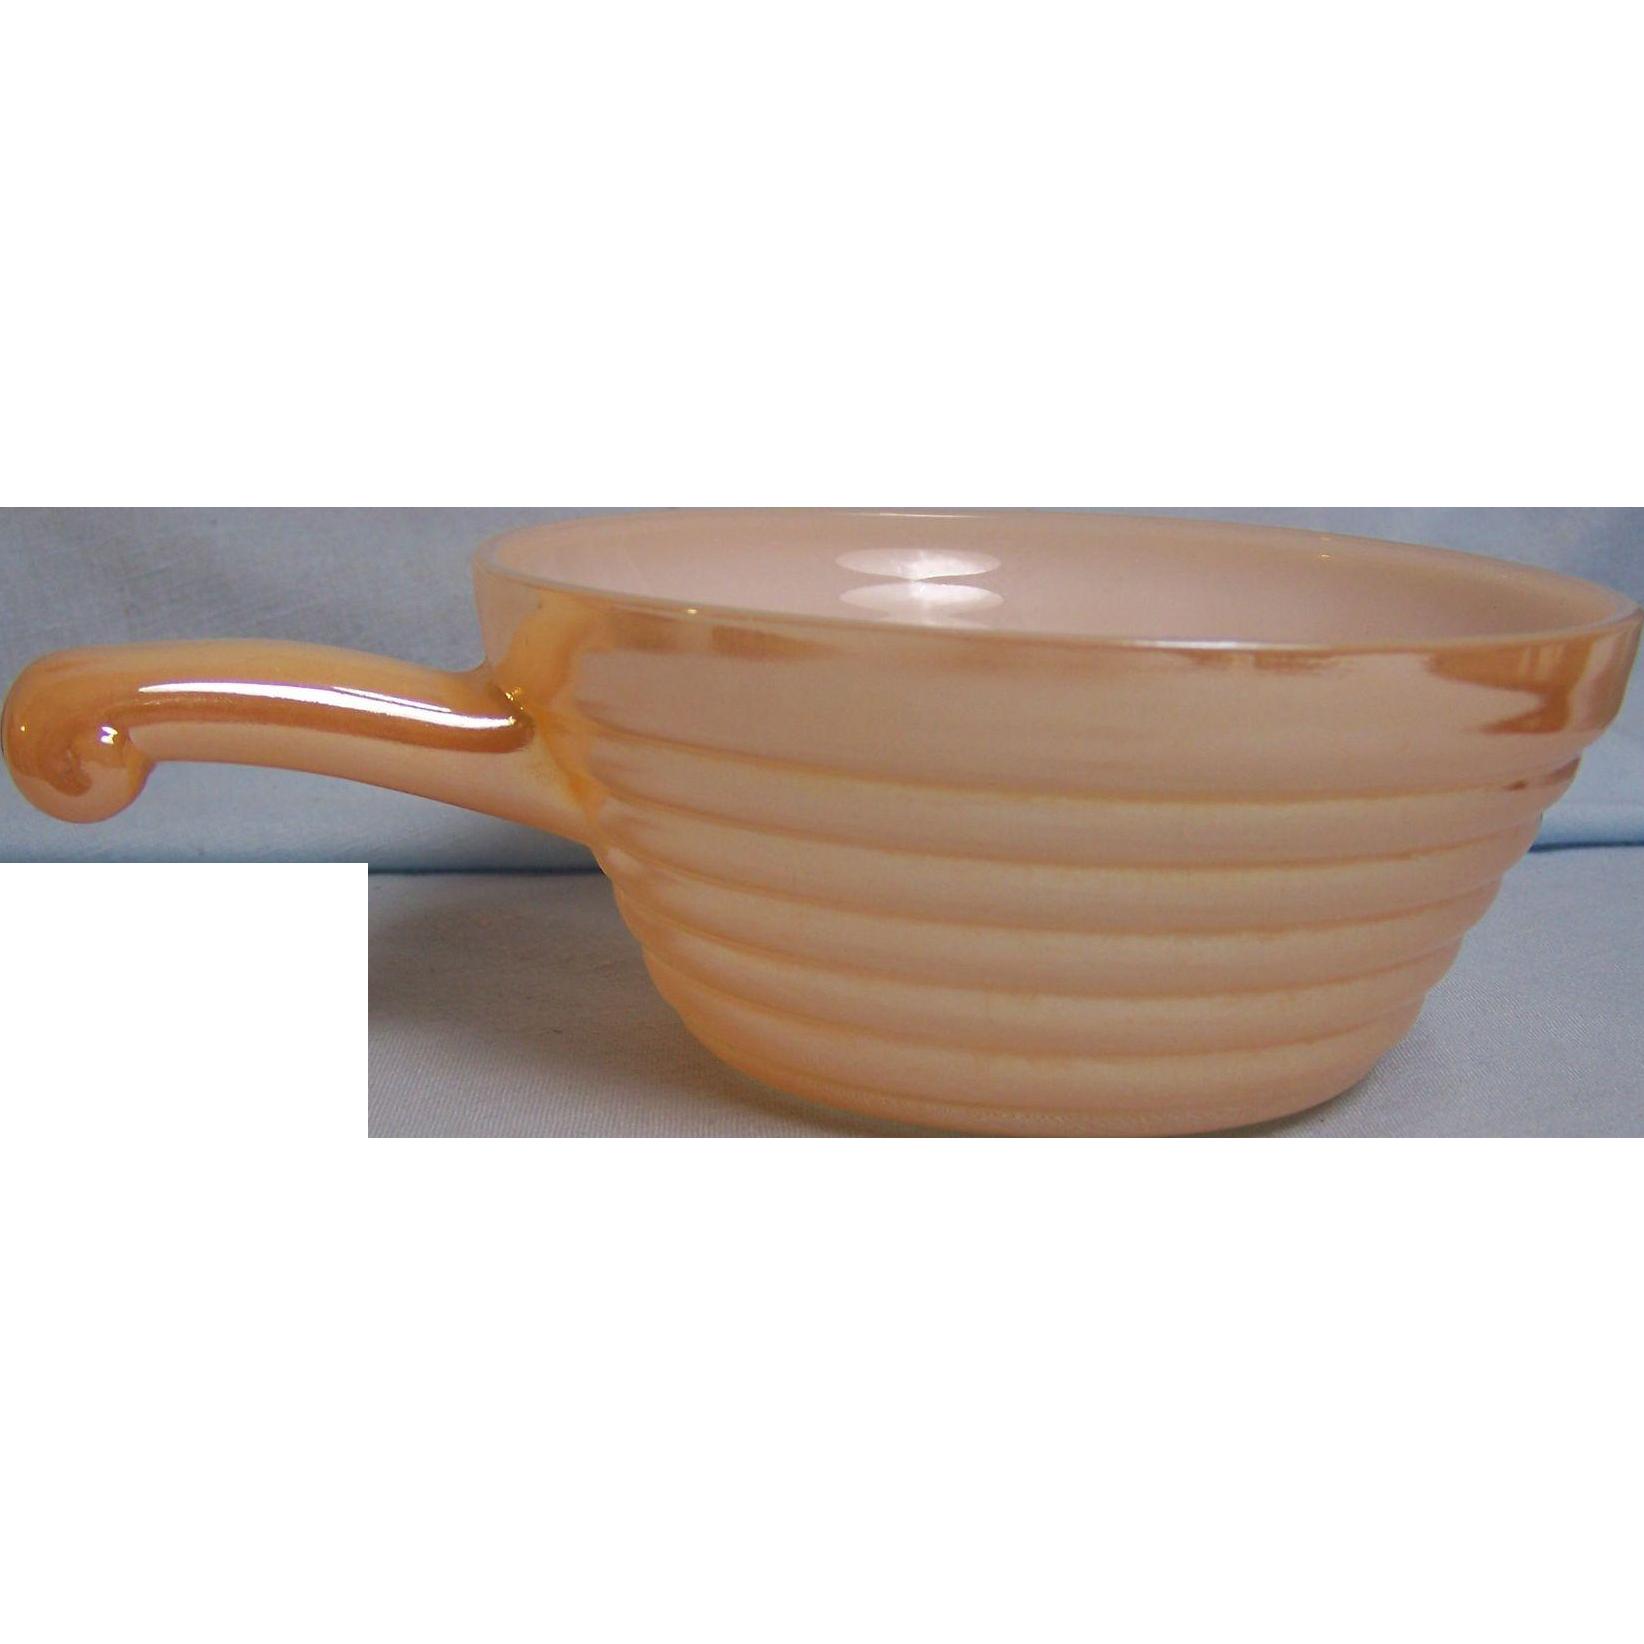 Fire King Copper Tint Peach Lustre Soup Bowl Handle